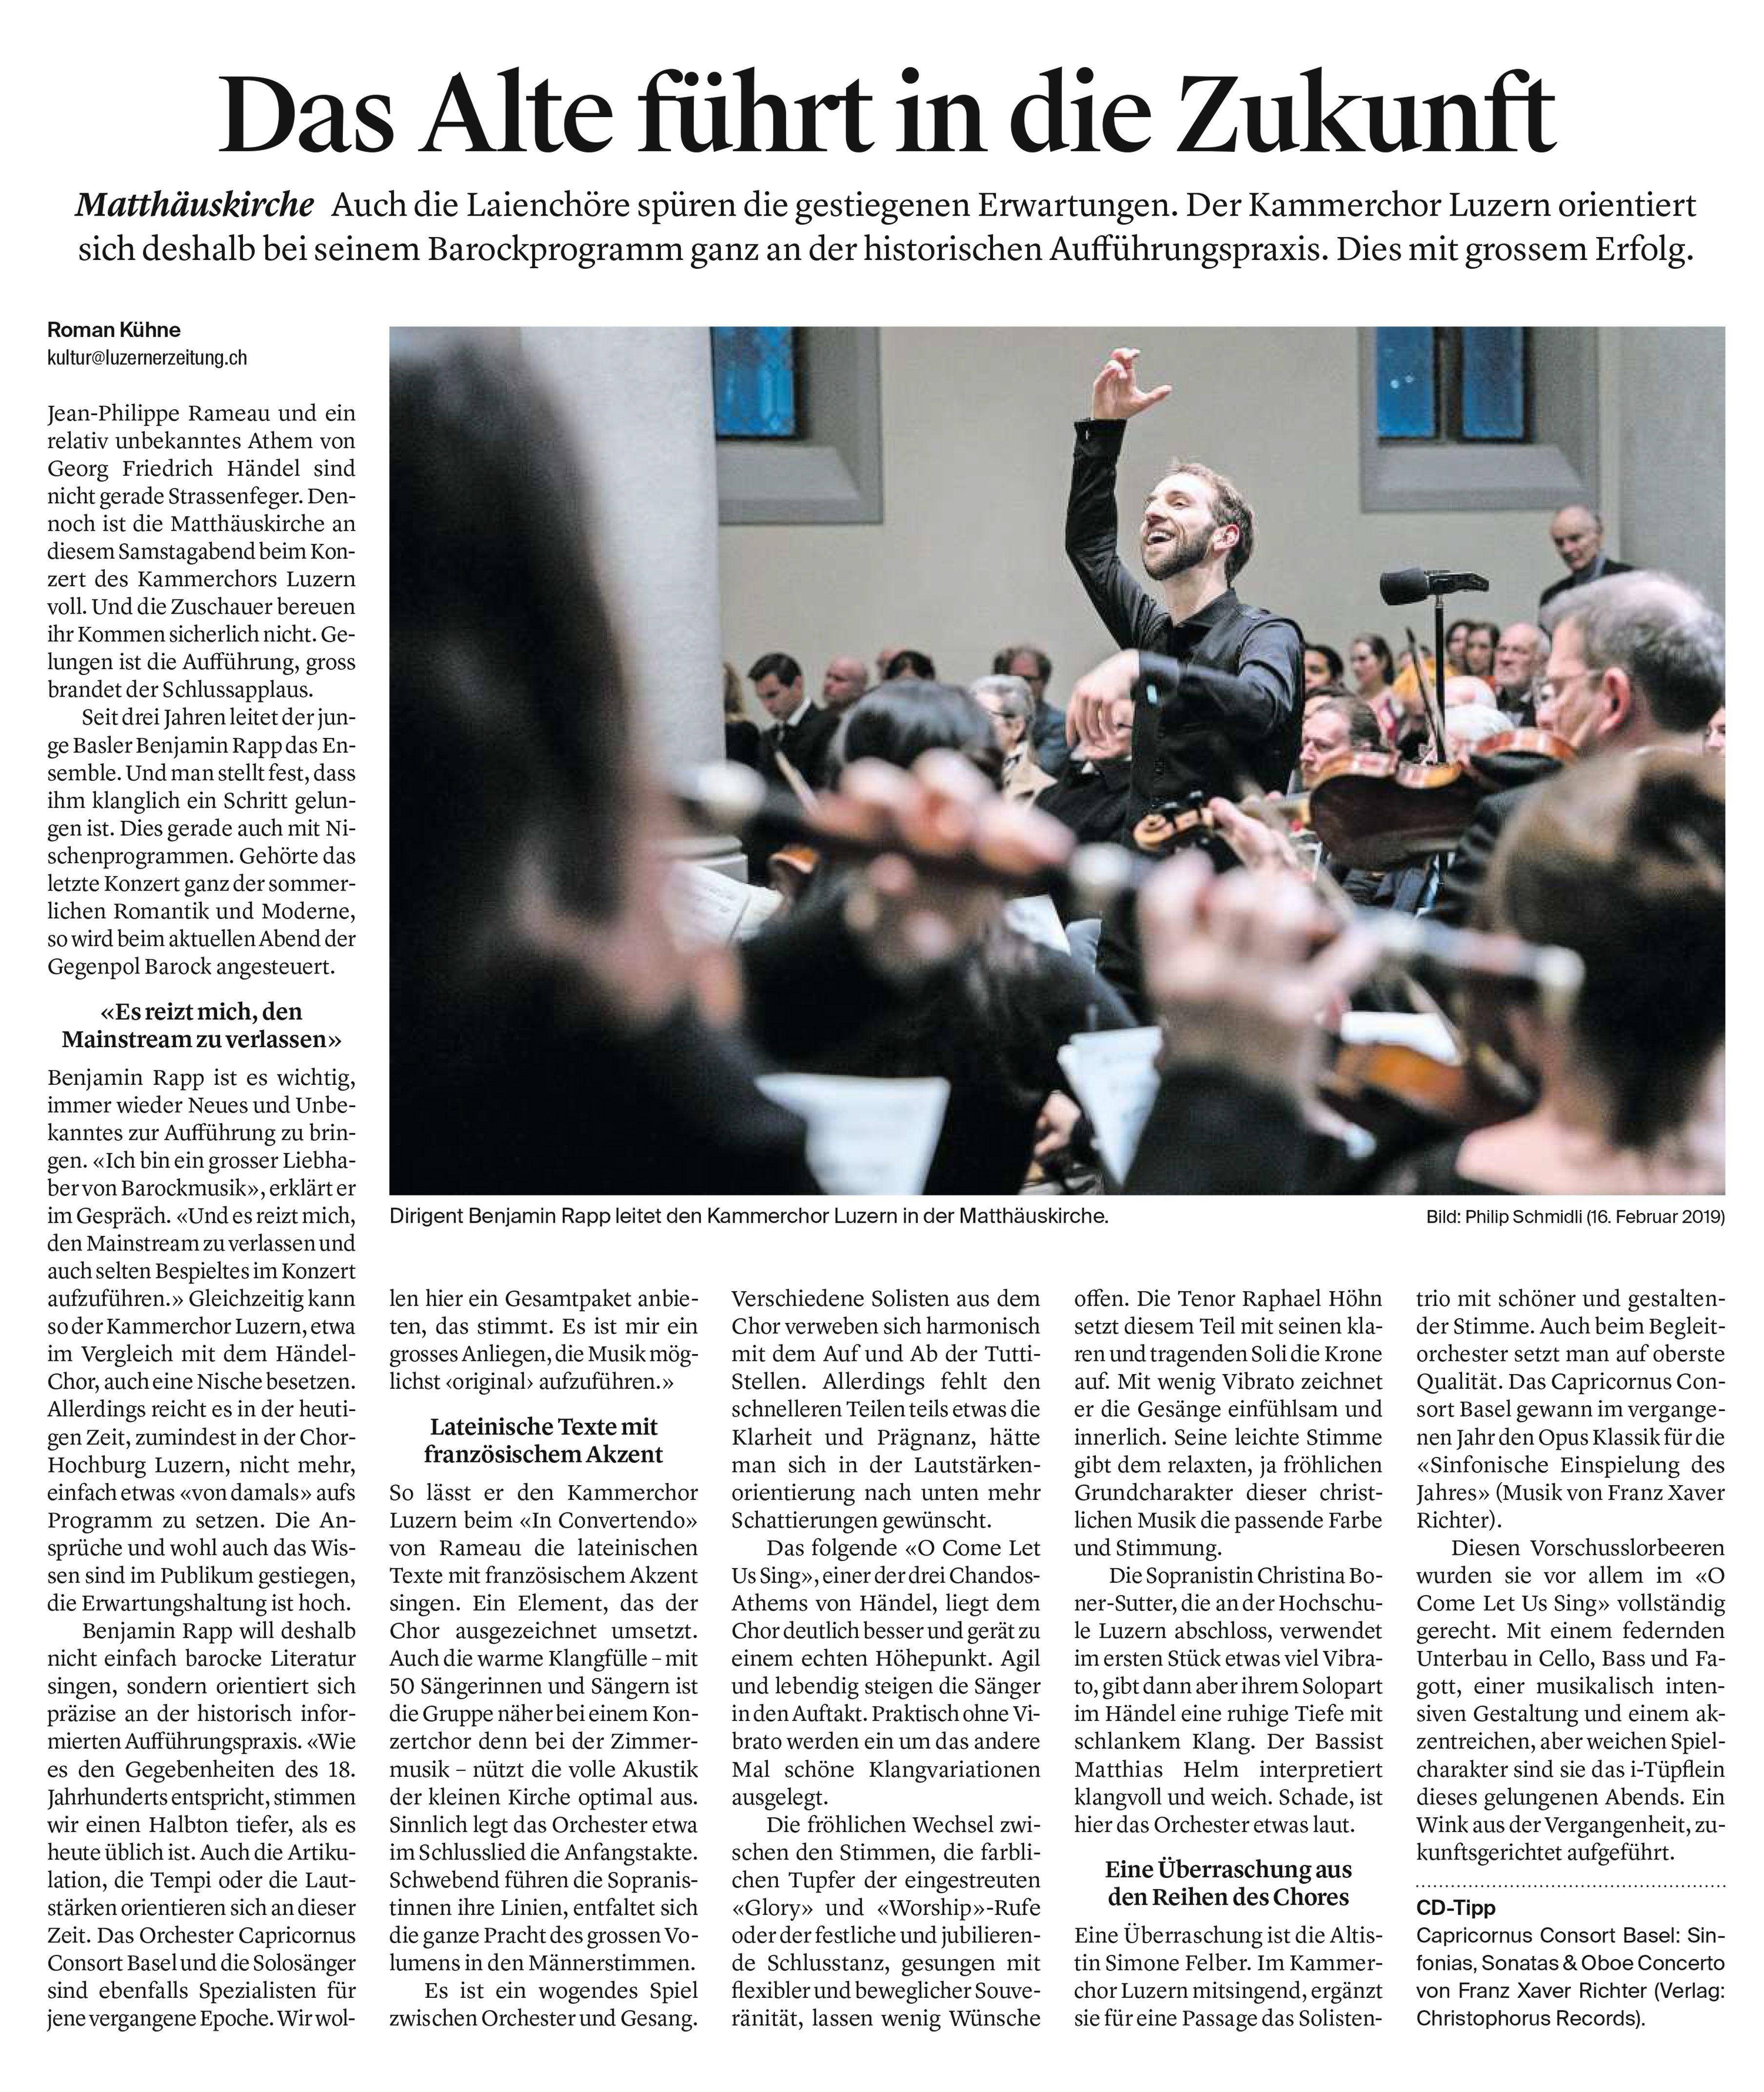 Das Alte führt in die Zukunft_2019_02_18_Luzerner_Zeitung